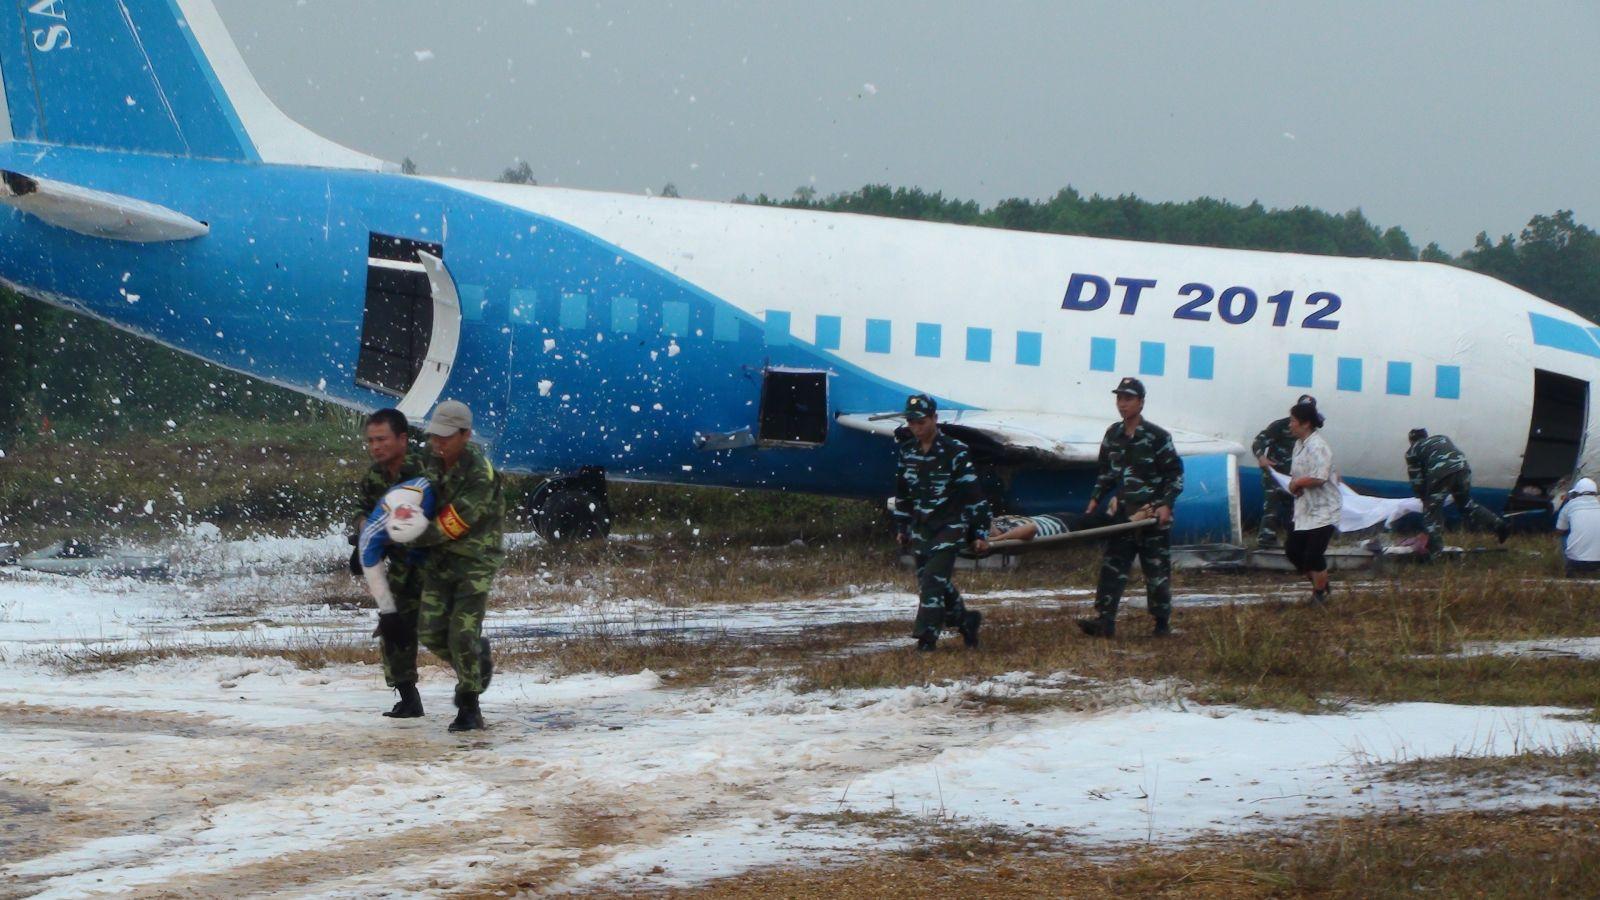 Diễn tập tìm kiếm cứu nạn hàng không tại sân bay Hòa Lạc năm 2012